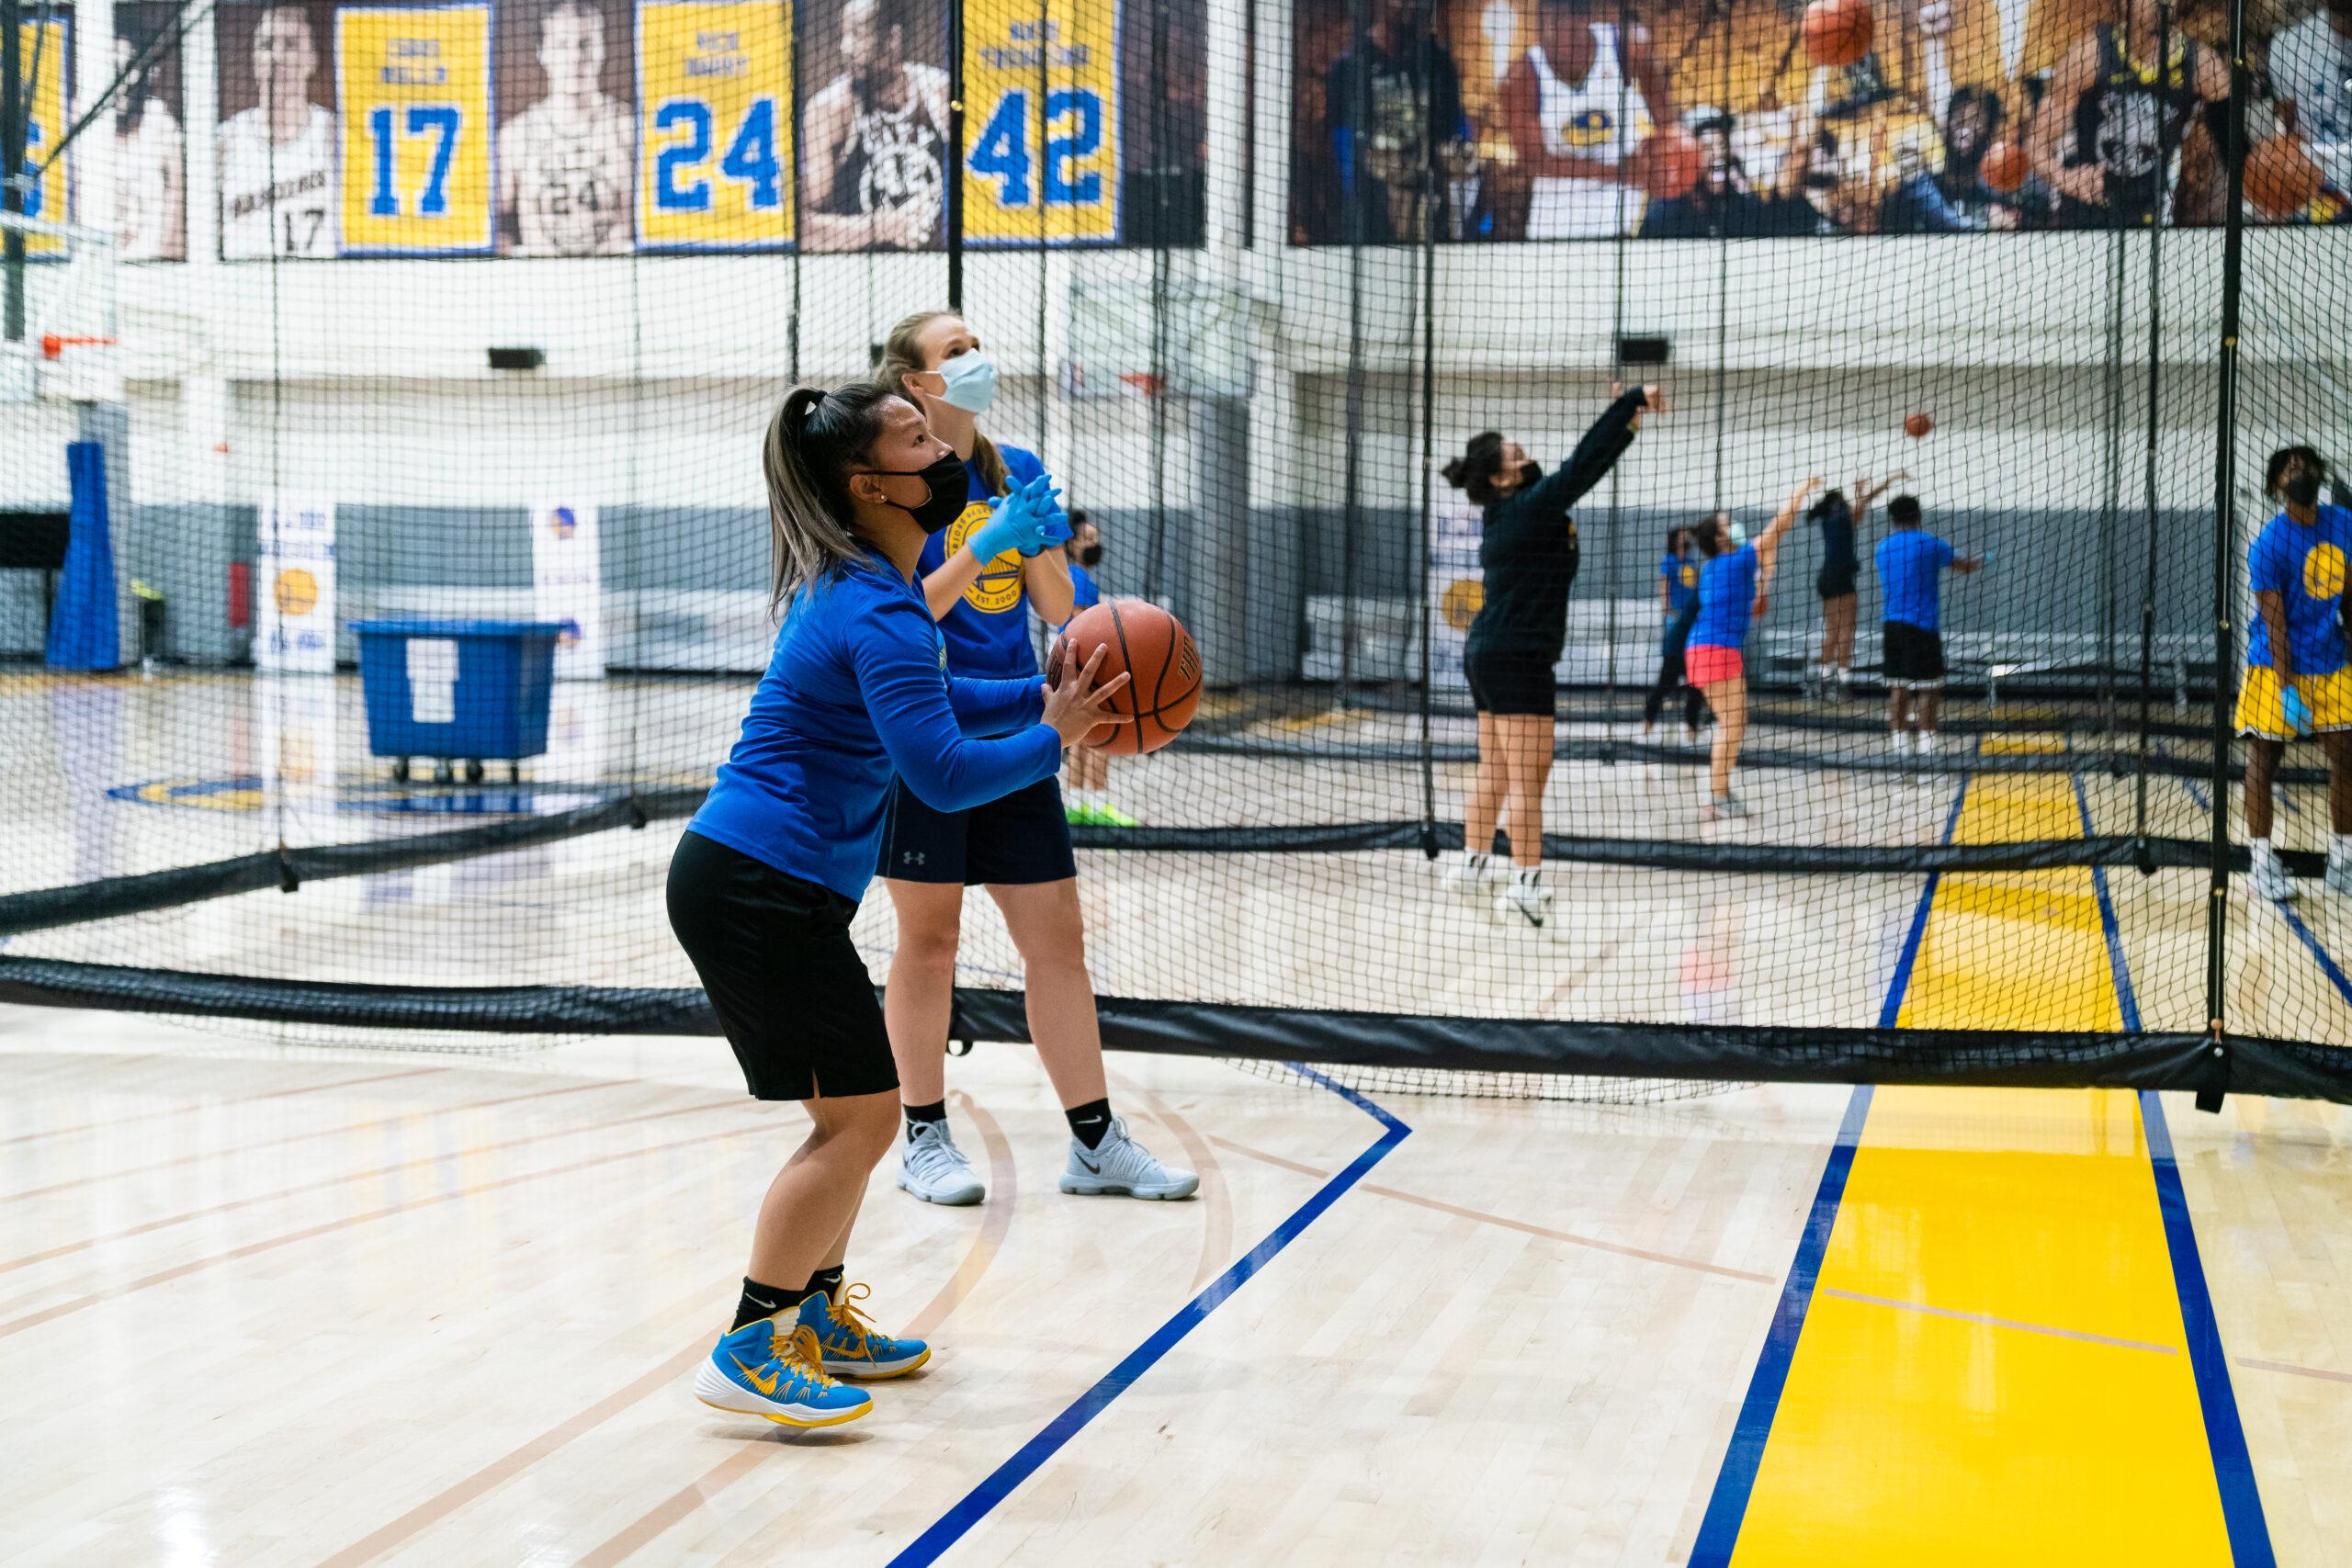 20210513_Warriors_Basketball_Academy_JL_278